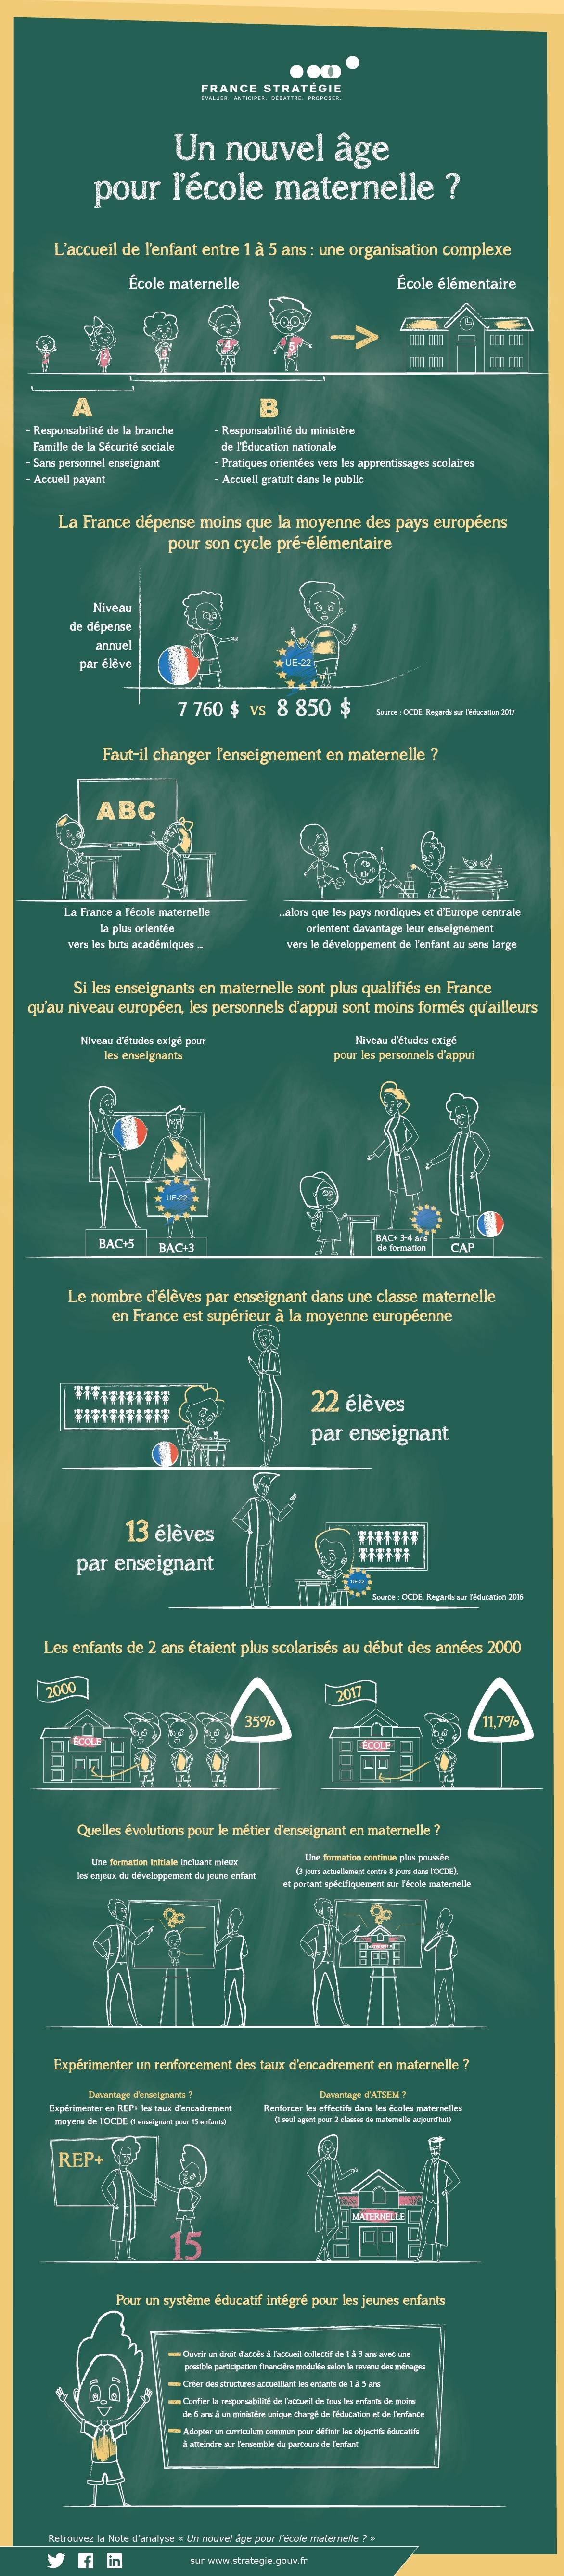 Un nouvel âge pour l'école maternelle ? - Infographie